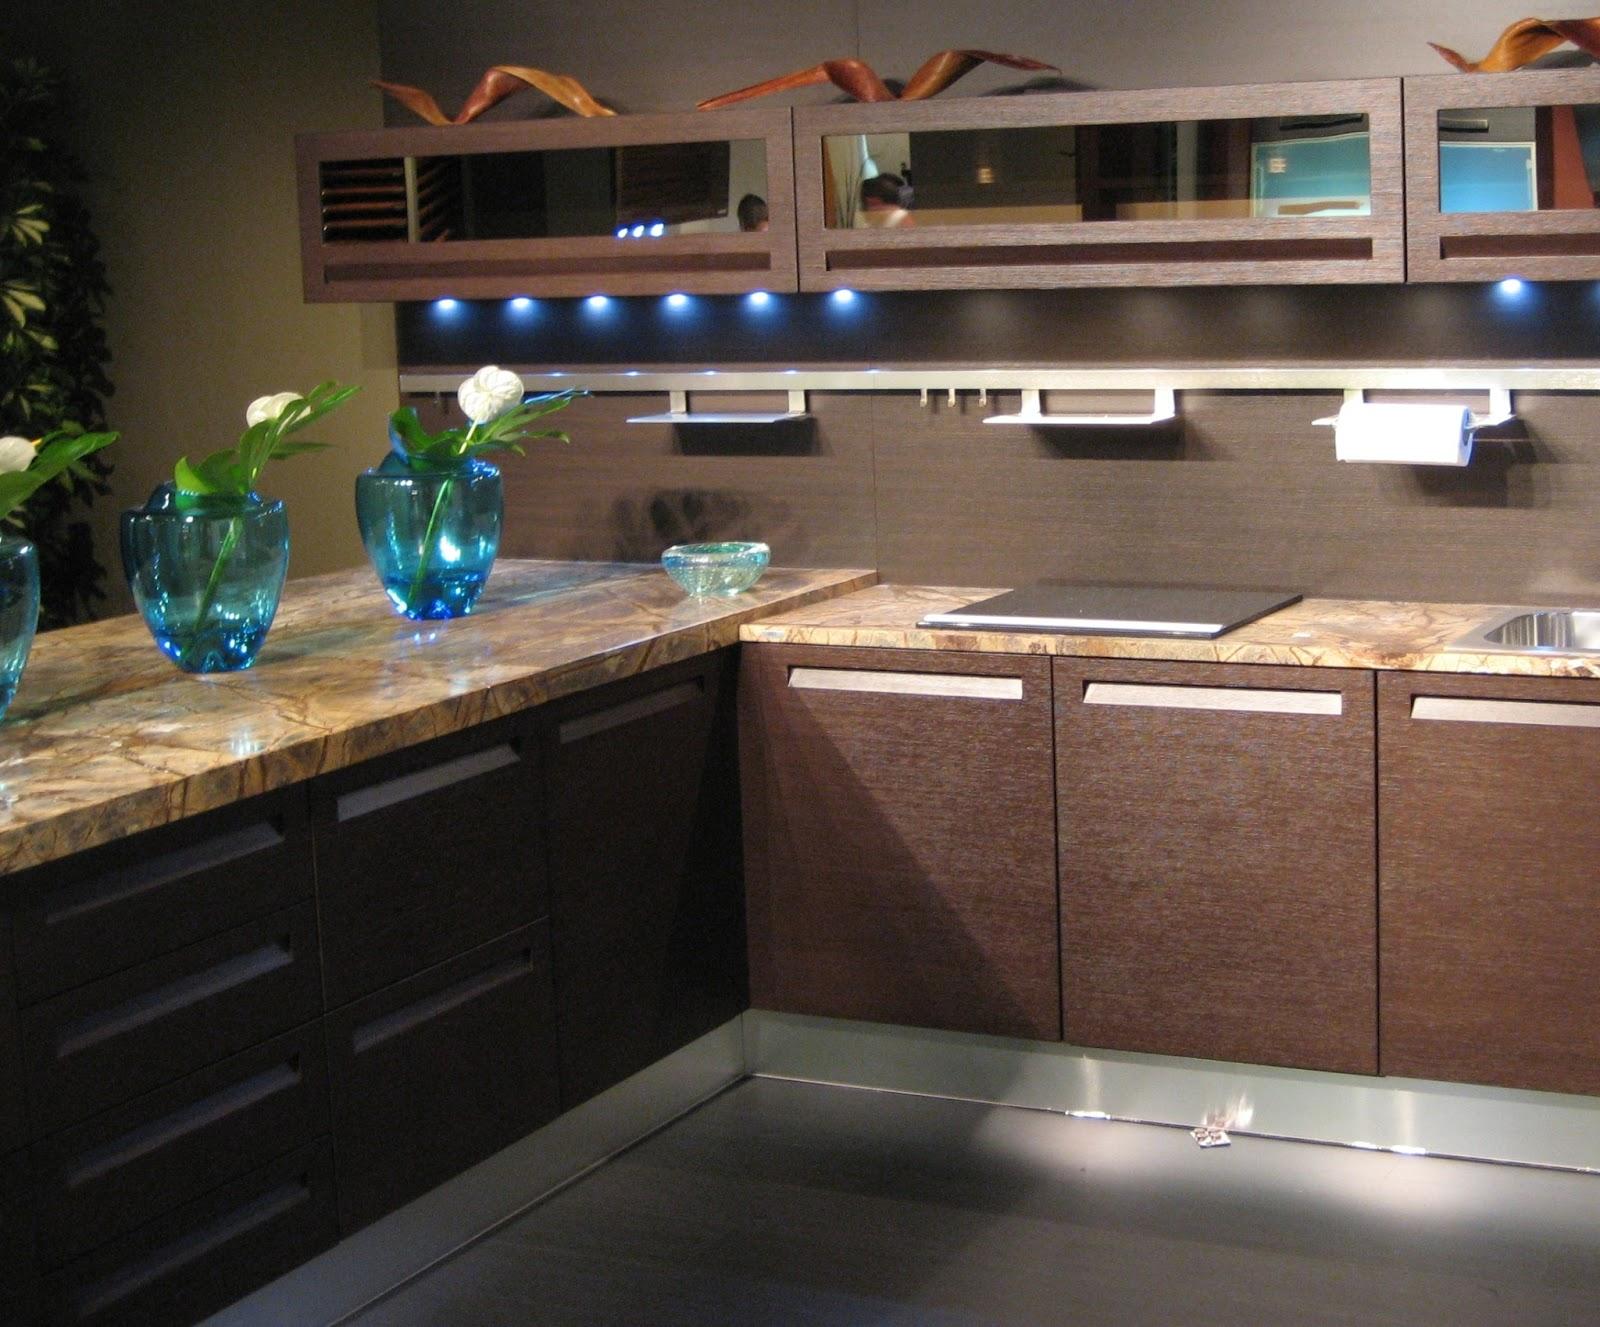 Encimeras de cocina cu les son y c mo conservarlas cocinas con estilo - Granito para encimeras ...